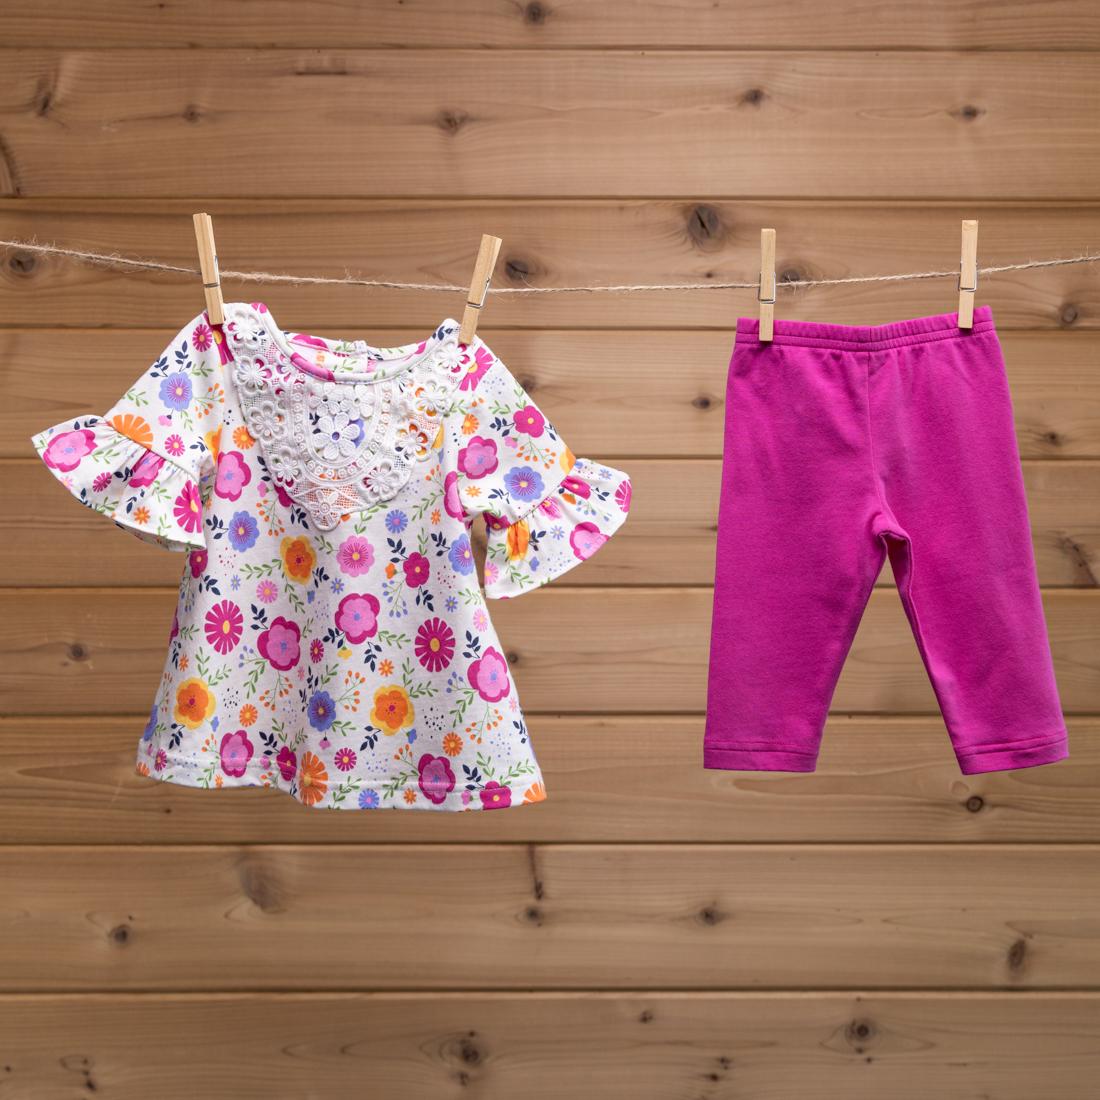 344e5ded8 Infant Harvest Print Set